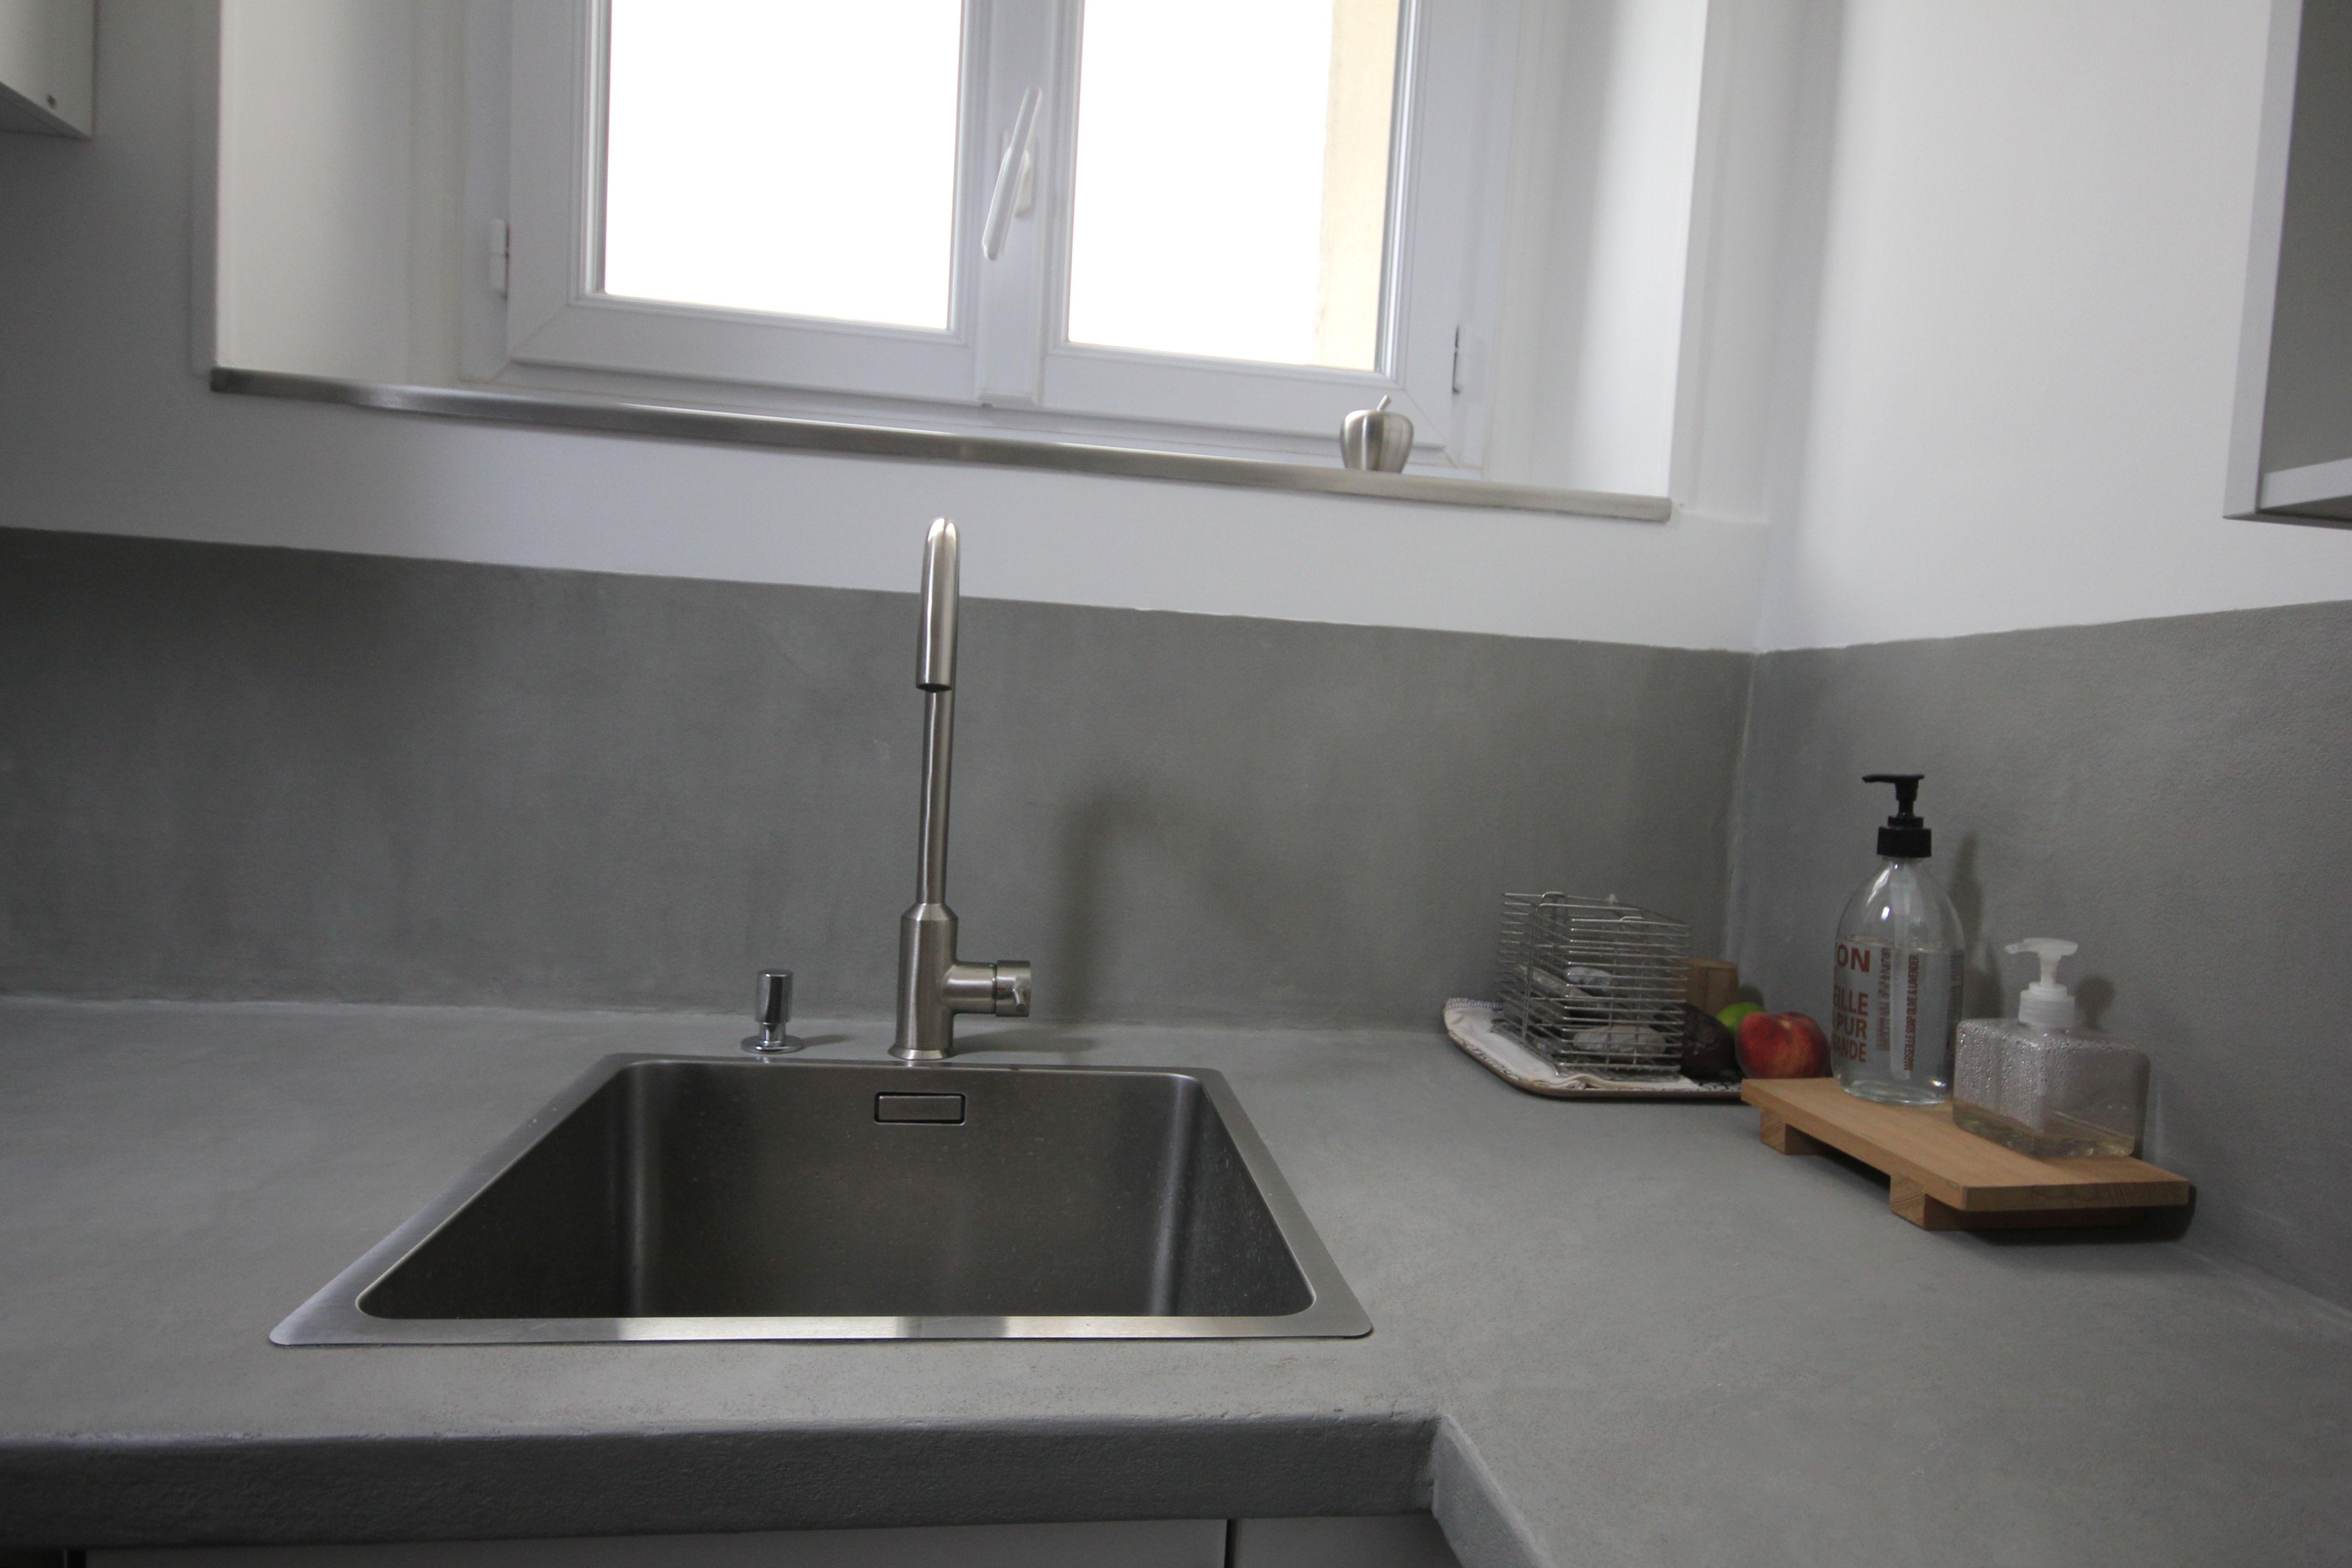 plan de travail et credence en beton cire gris flanelle evier inox satine design worktop and backsplash in gre decoration maison plan de travail deco maison